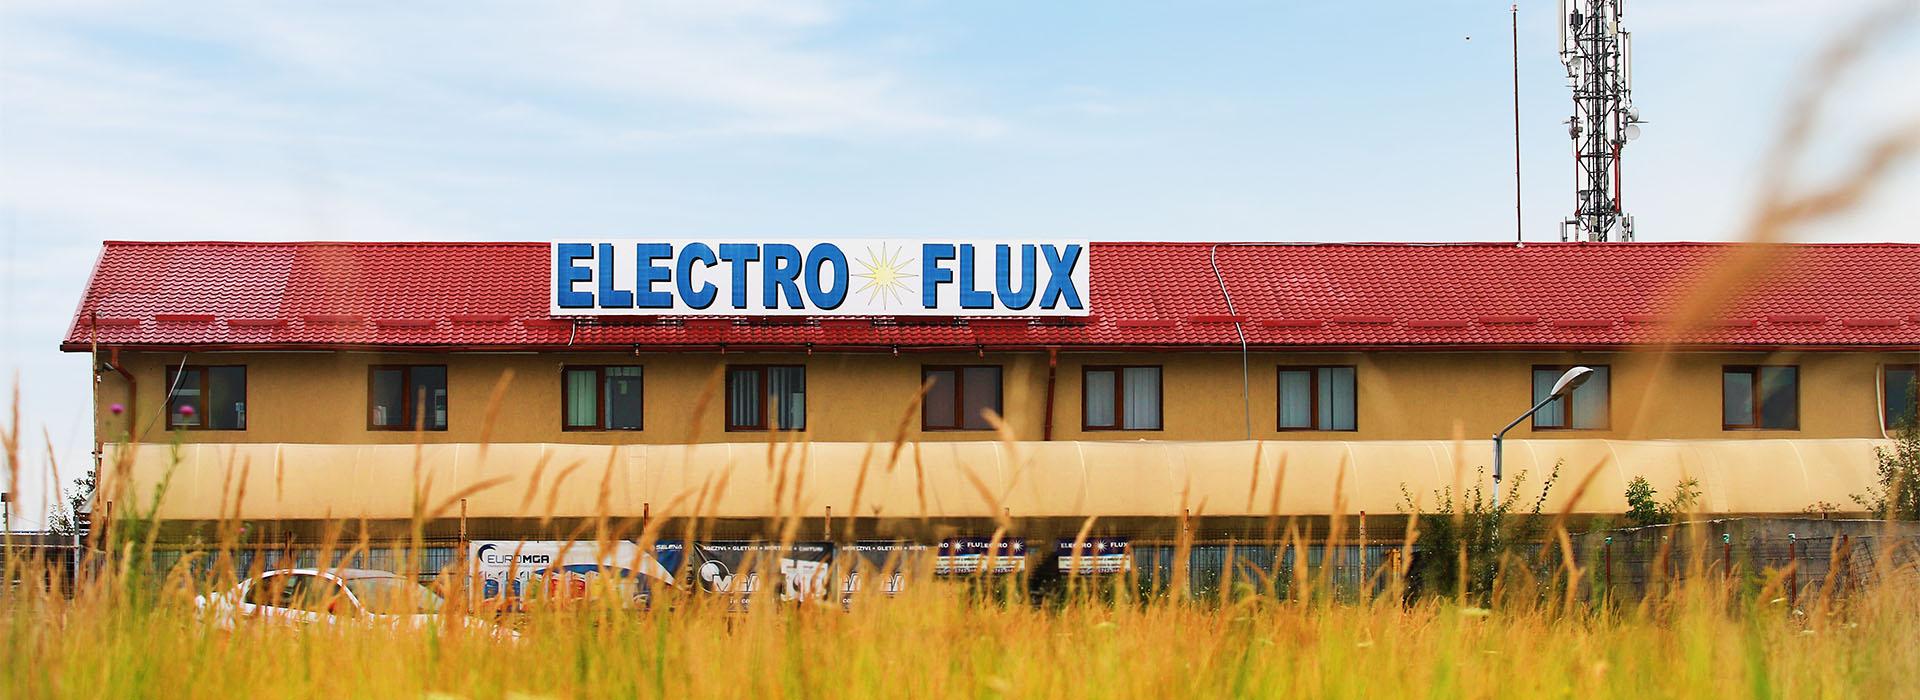 ELECTRO-FLUX